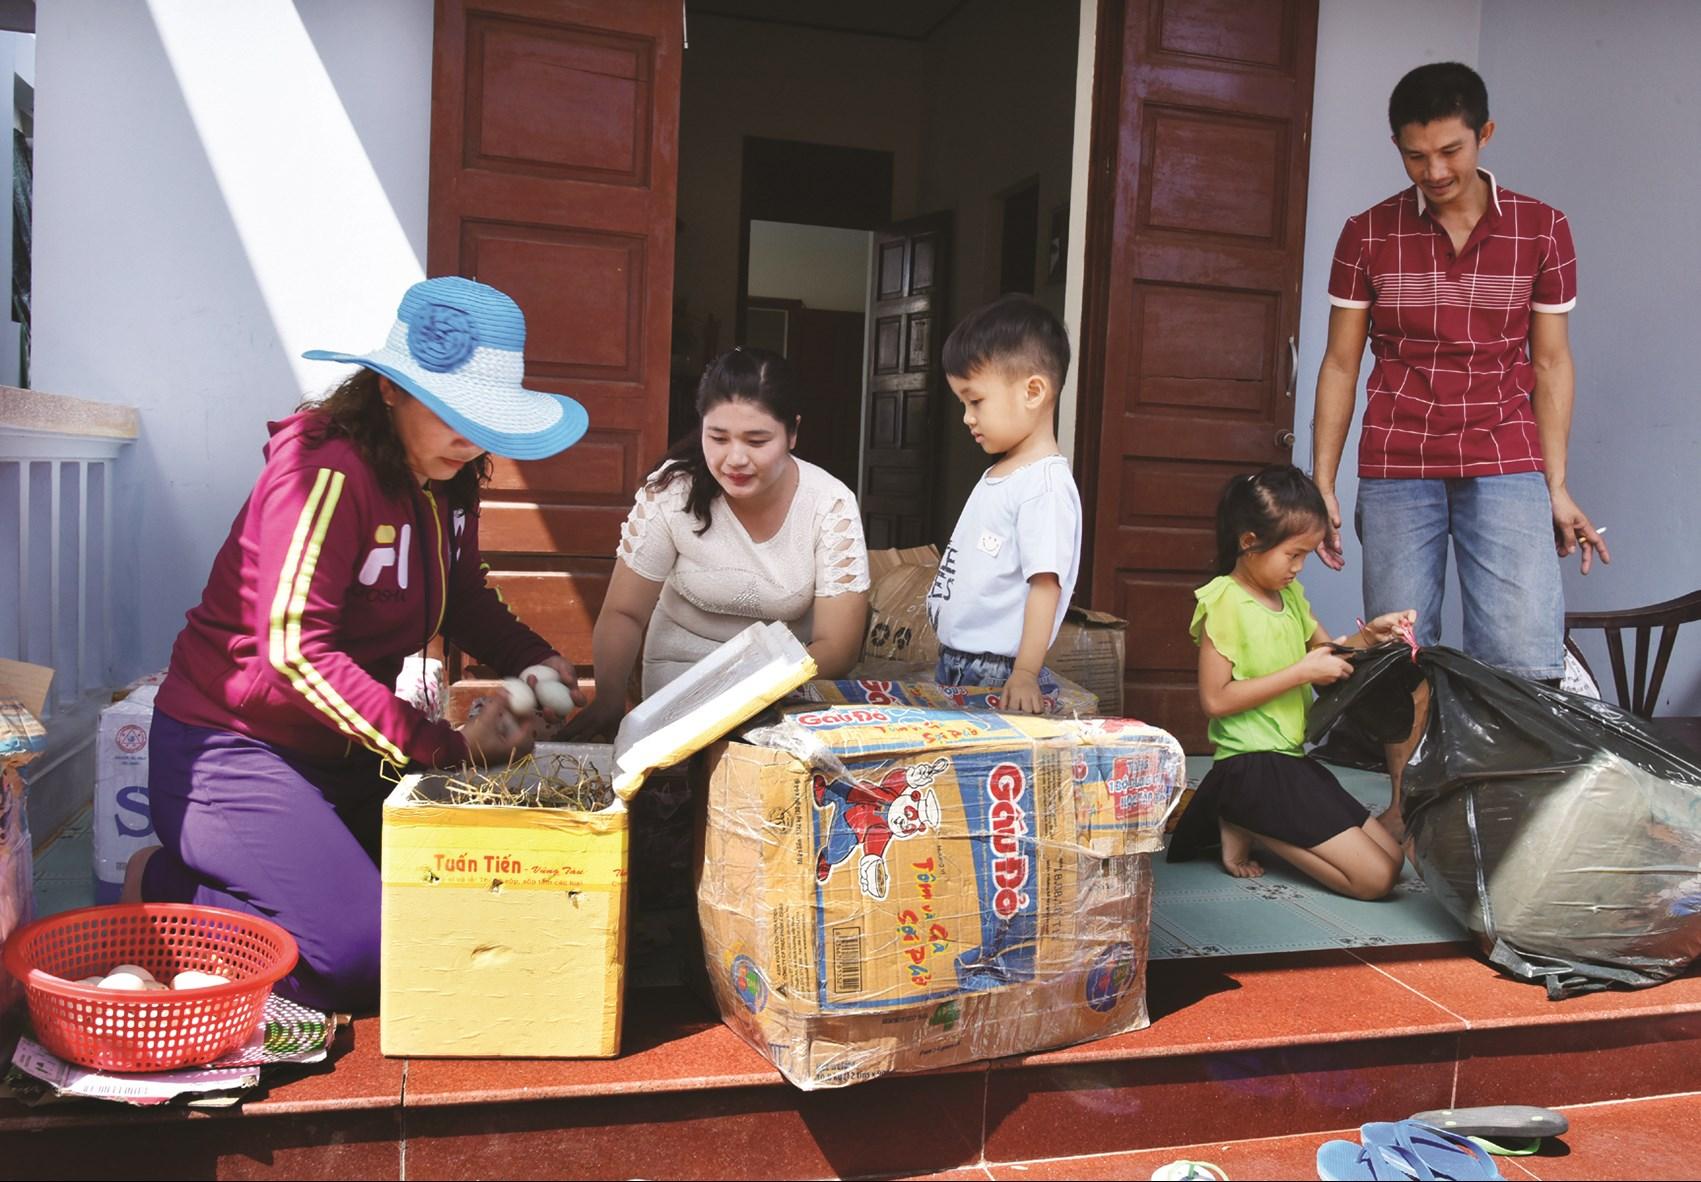 Quà Tết từ đất liền gửi ra cho các gia đình đang sinh sống trên đảo. Đây là niềm vui được các gia đình mong đợi